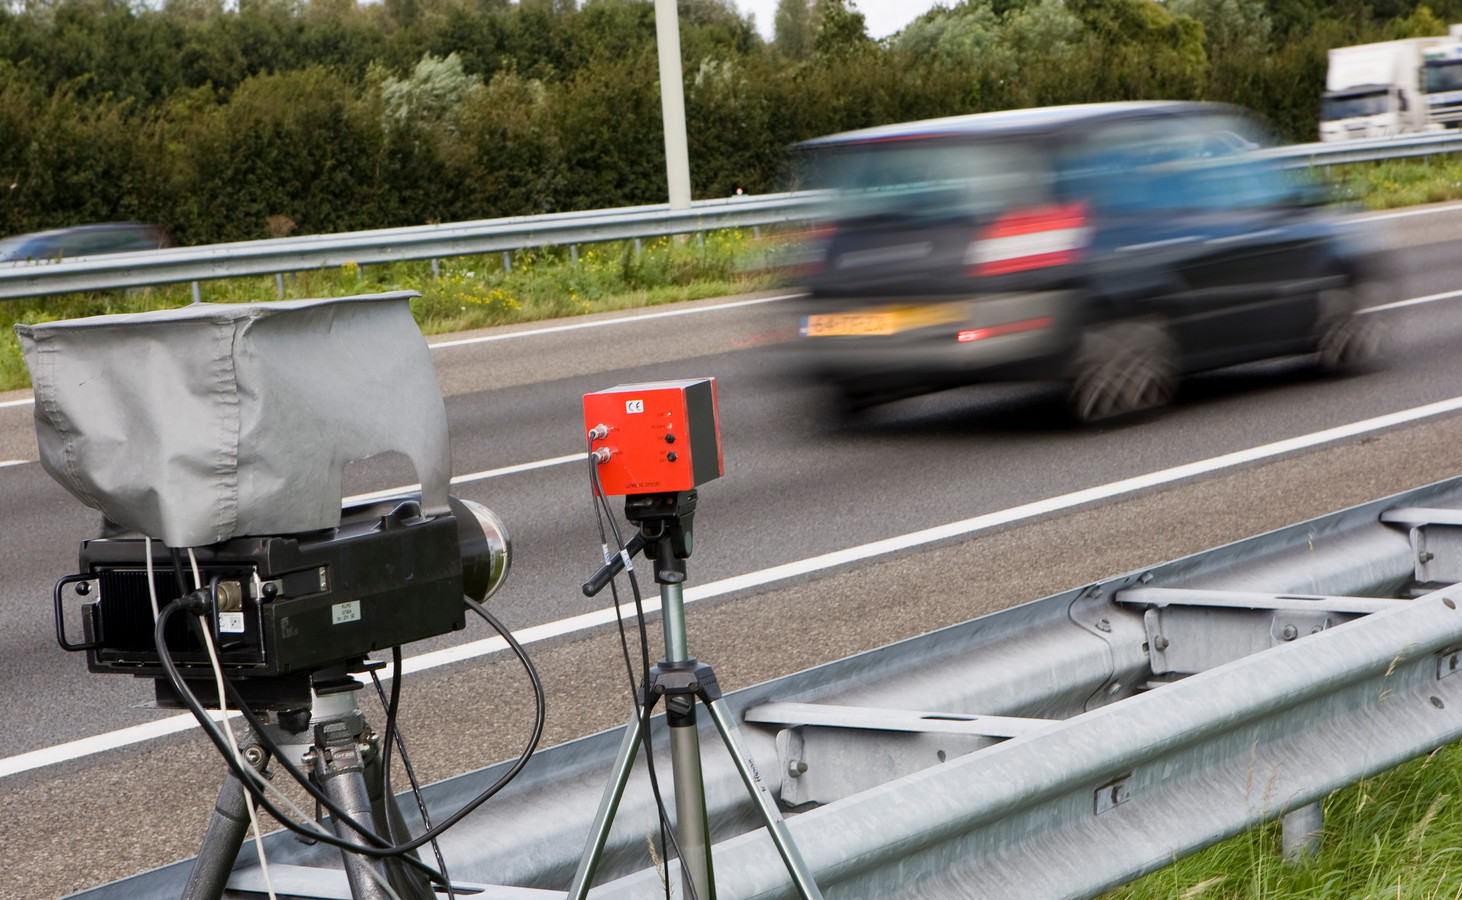 Snelheidscontrole op de A4 bij Leidschendam.